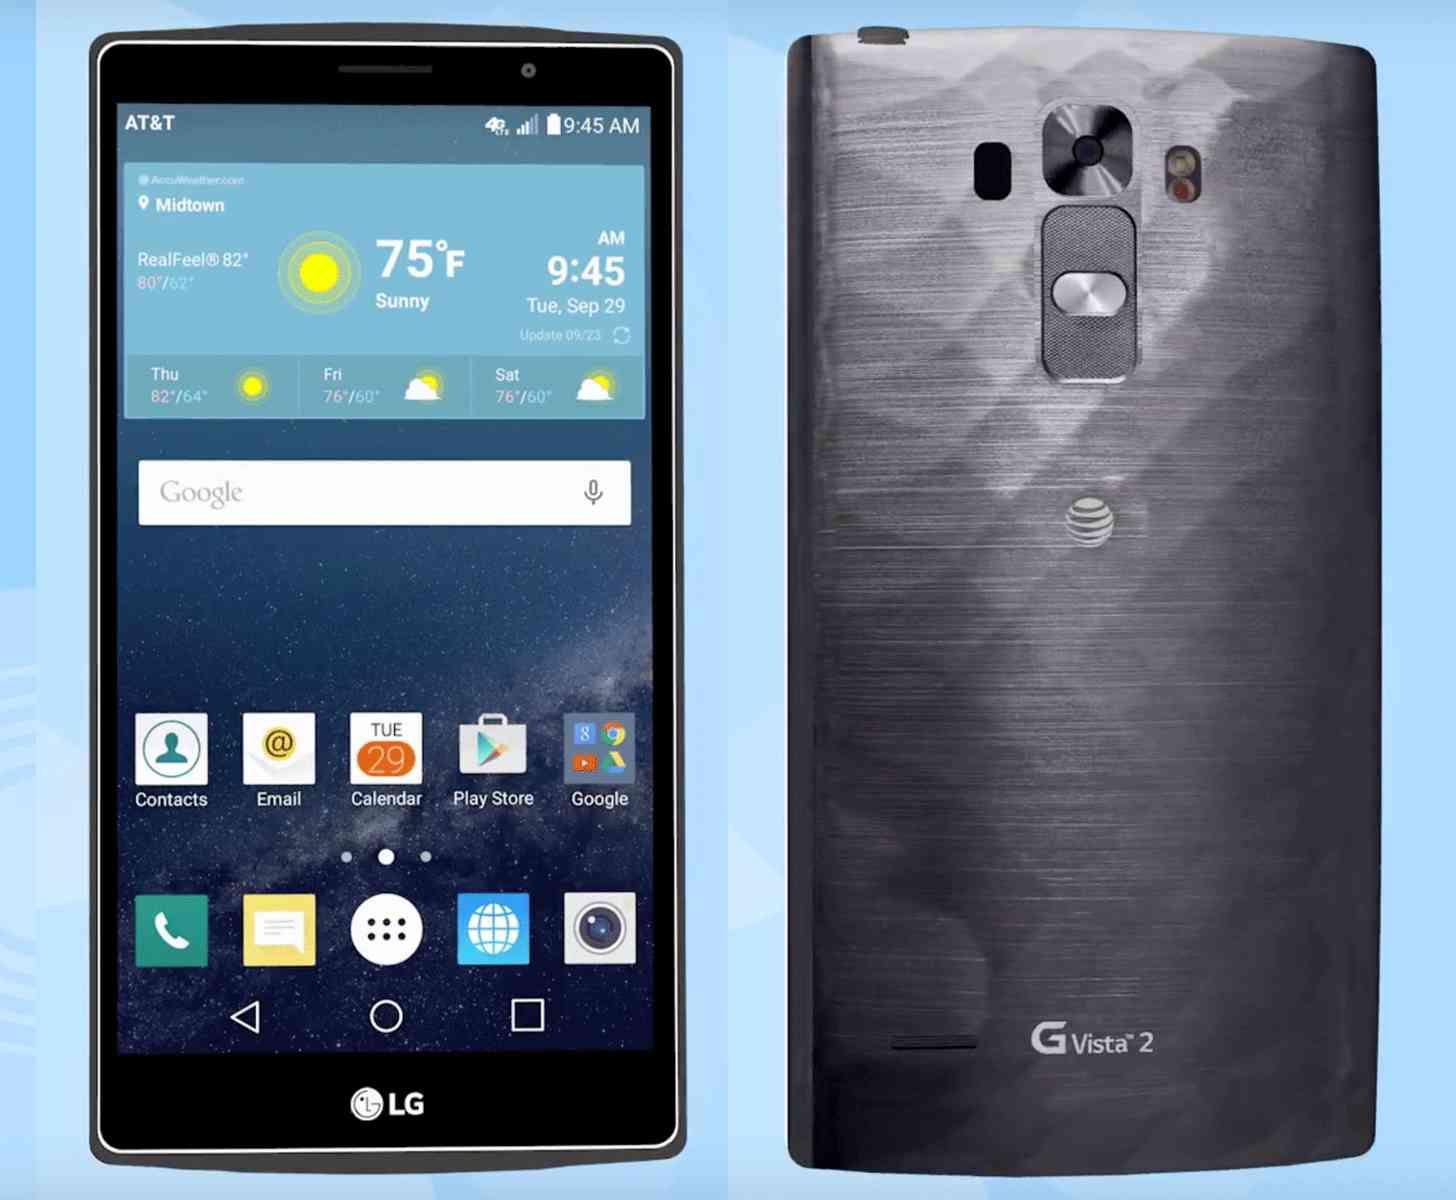 """attlggvista2 LG G Vista 2, un telefon LG cu ecran de 5,7"""" si un Stylus destul de rudimentar"""